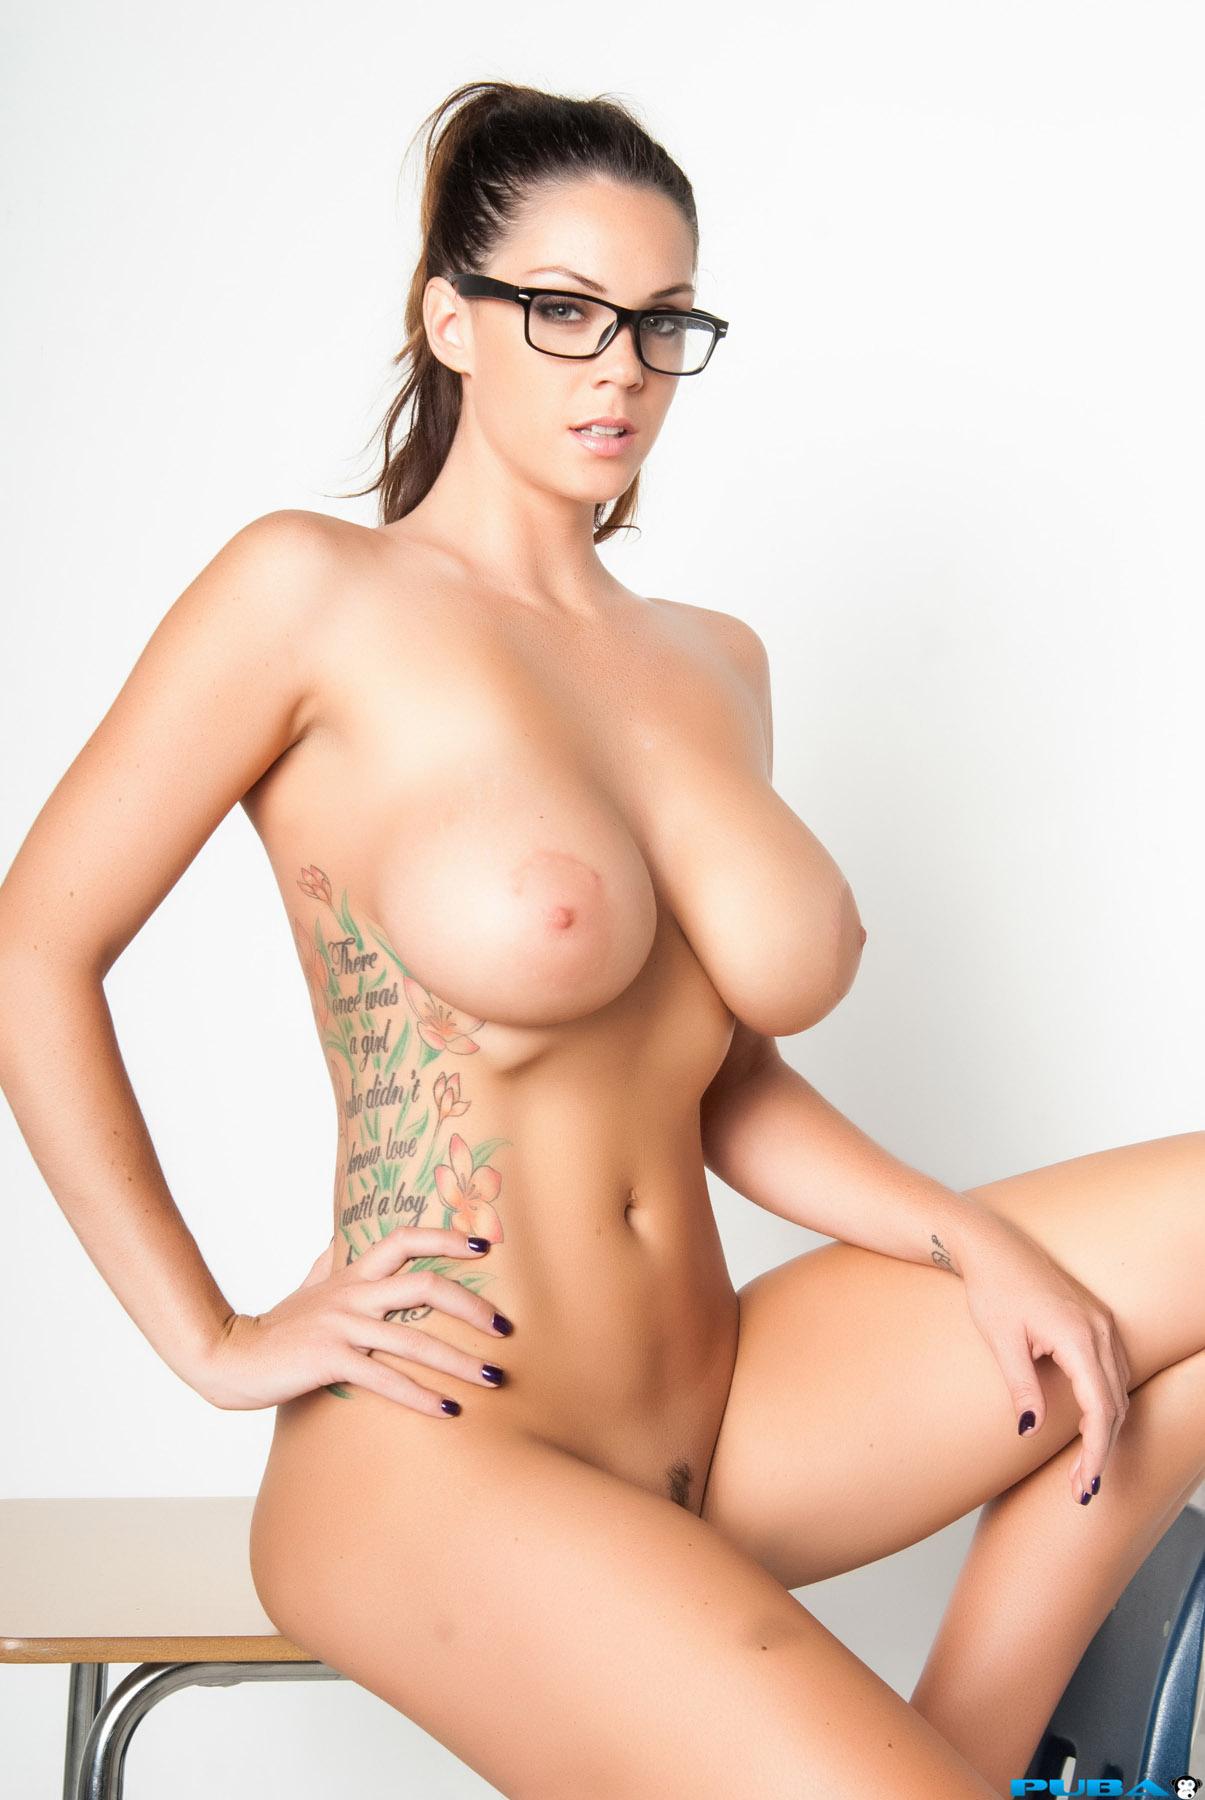 Christine neubauer naked